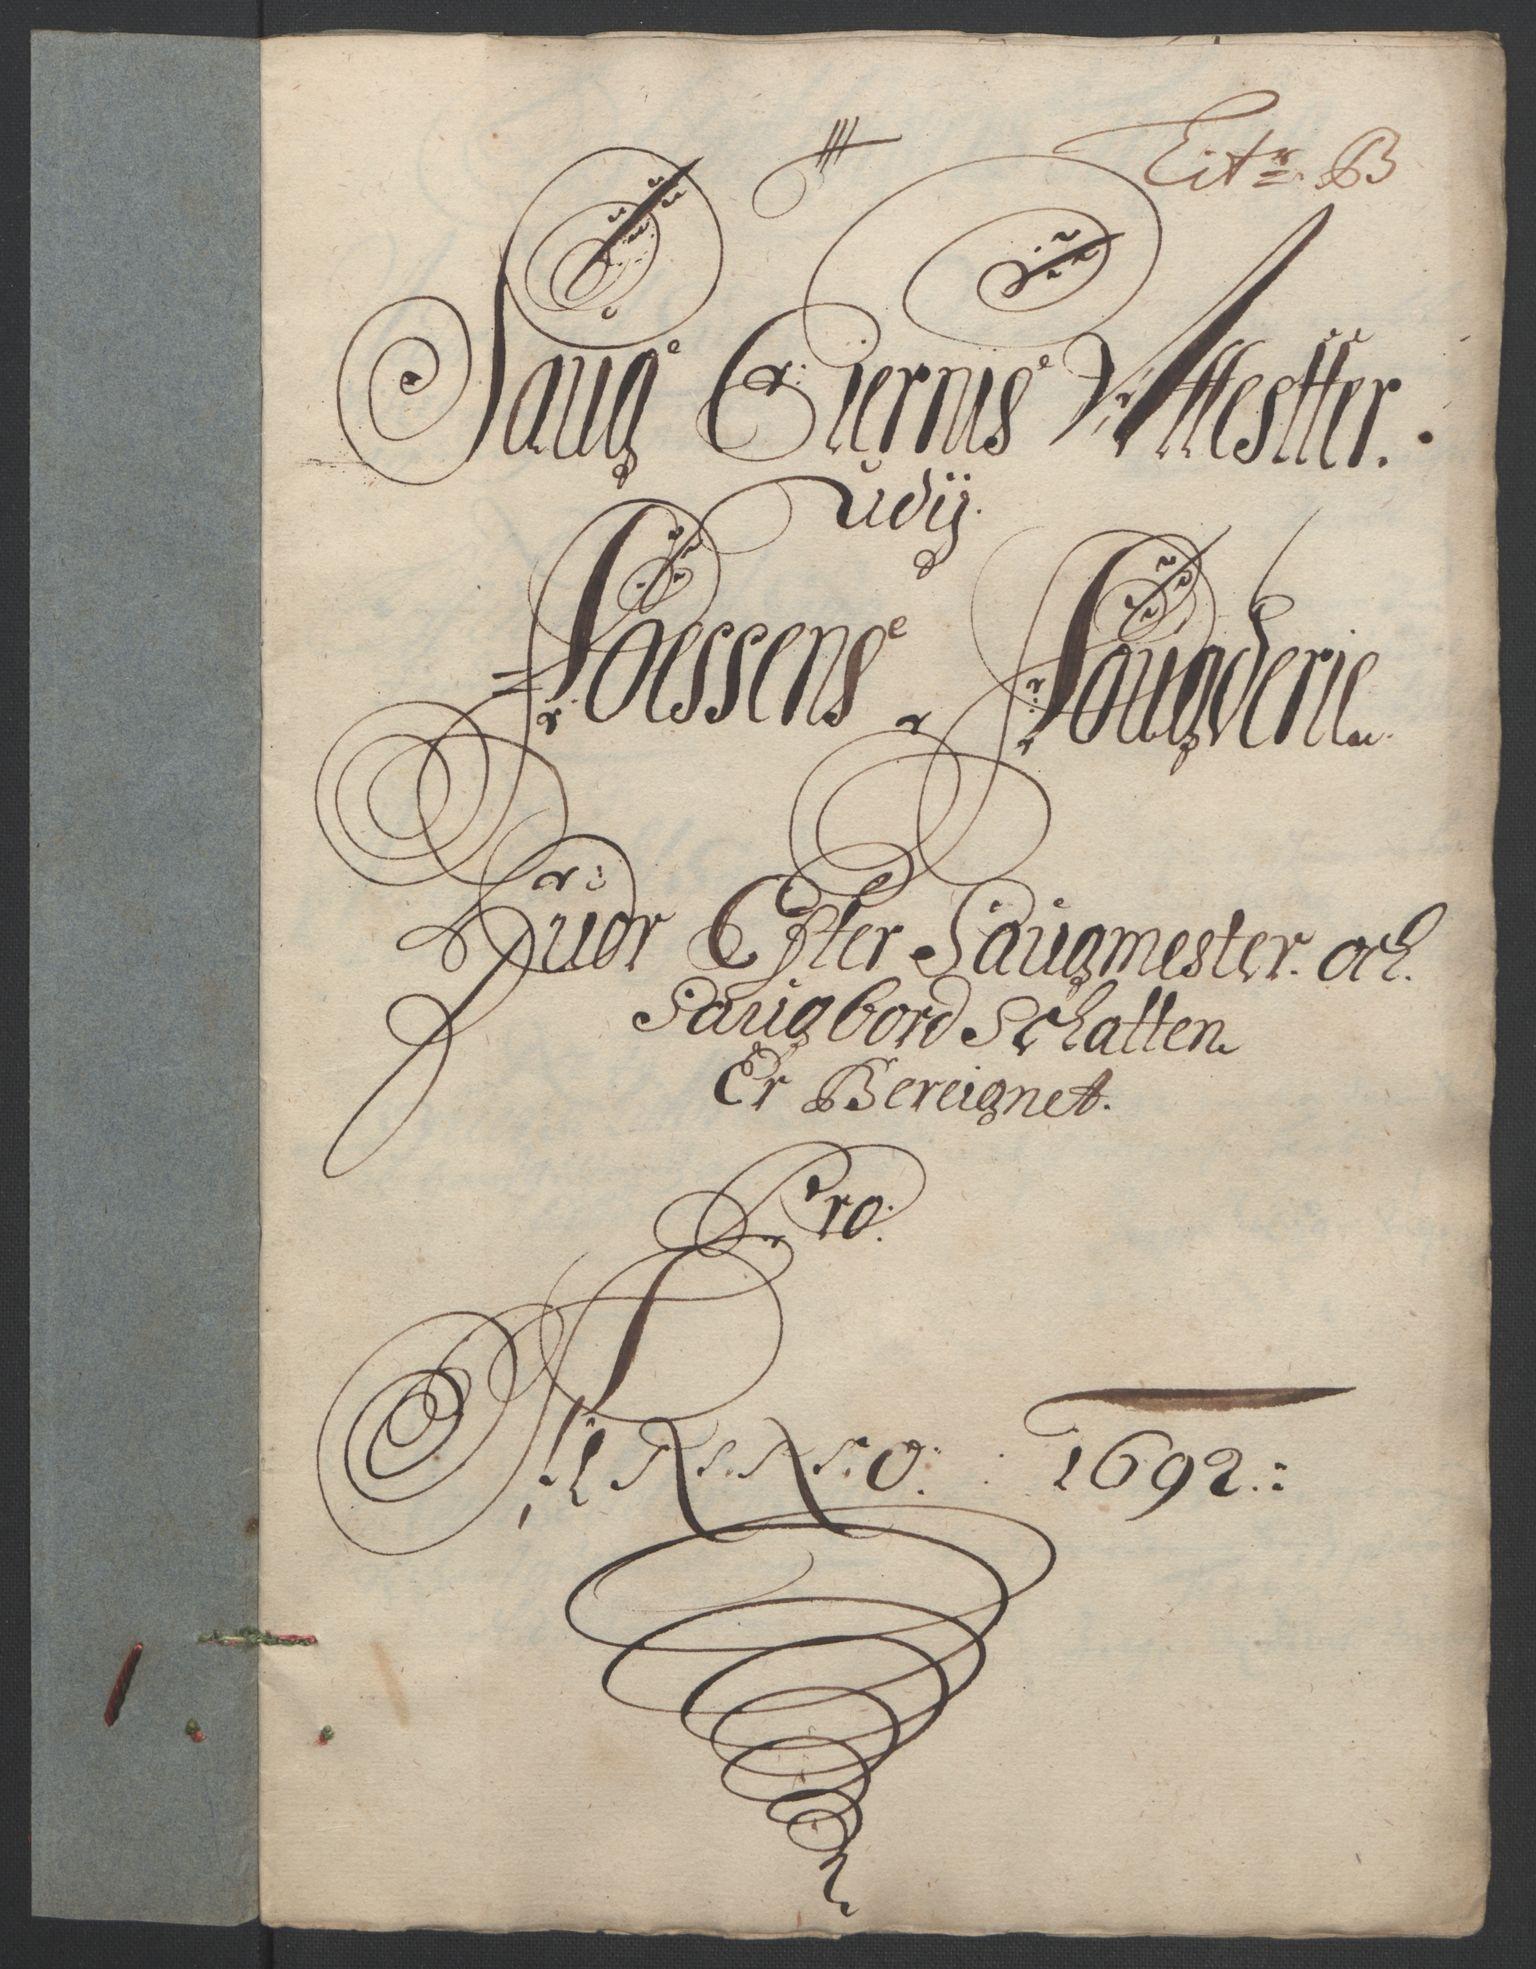 RA, Rentekammeret inntil 1814, Reviderte regnskaper, Fogderegnskap, R57/L3849: Fogderegnskap Fosen, 1692-1693, s. 72